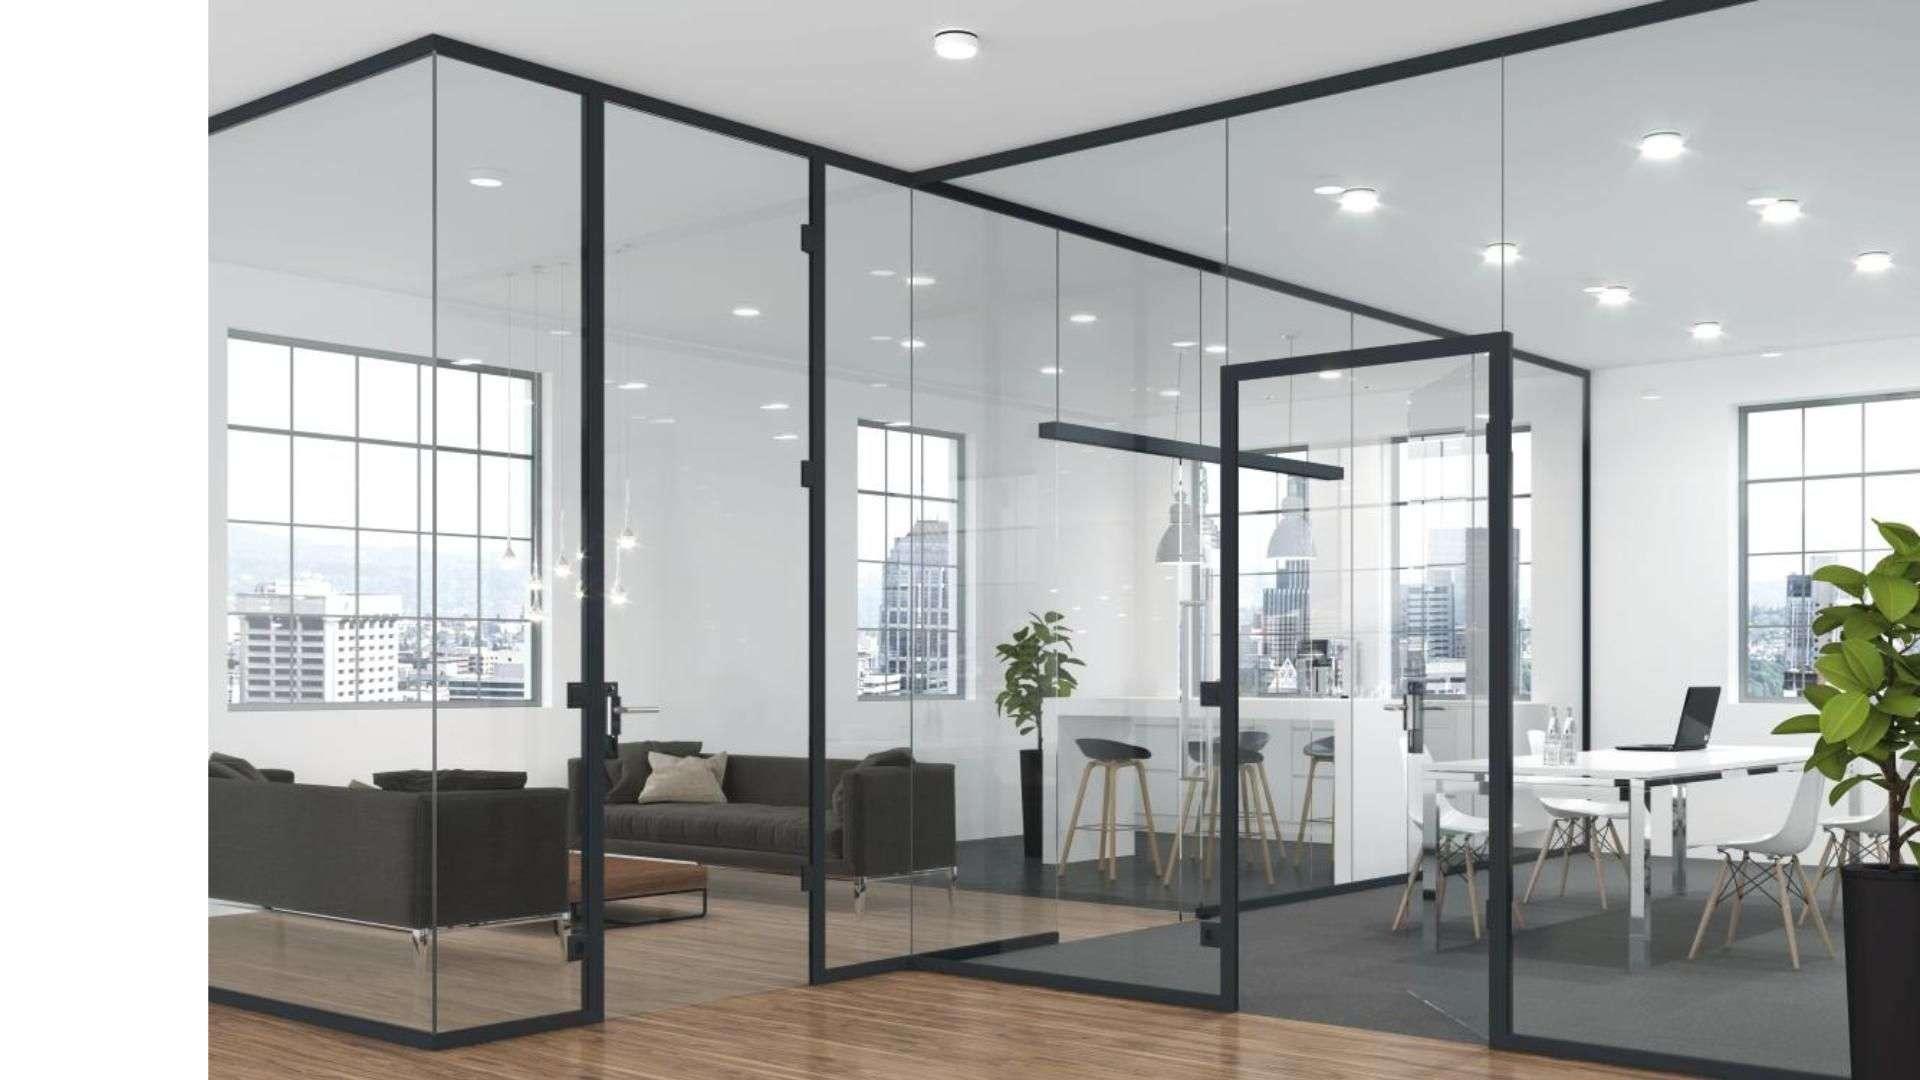 Trennwandsystem aus Glas in einem Büro